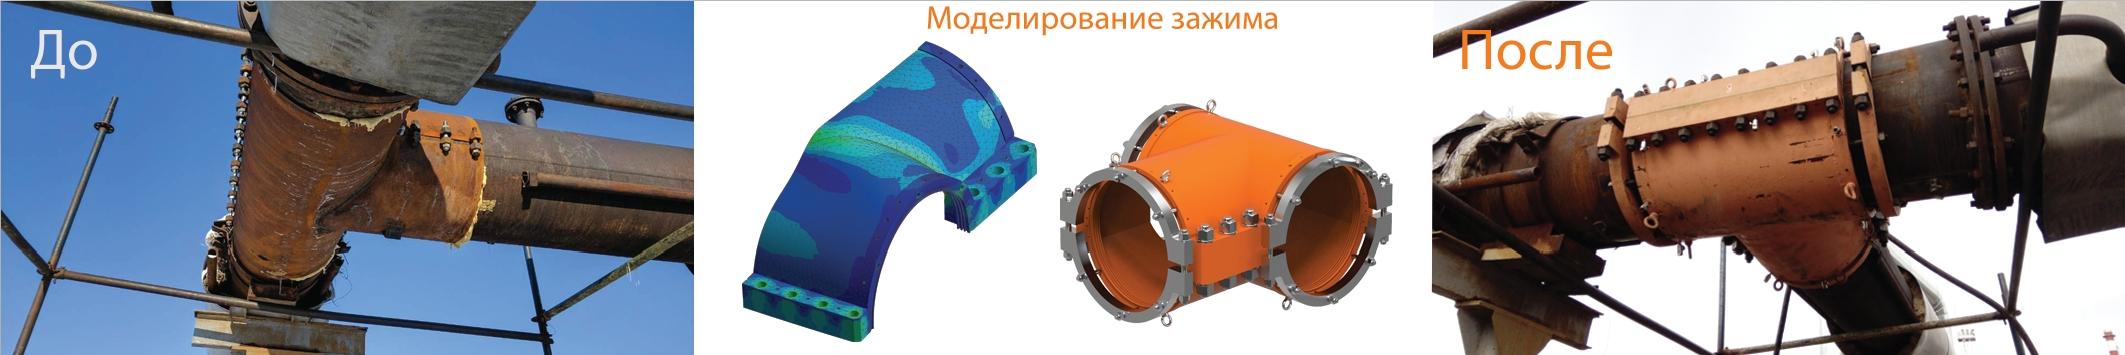 Рис. 4. Утечка на сварном соединении (тройник) Dу = 300 мм. Рабочие параметры: транспортируемая среда – факельный газ; давление – 0,07 МПа, температура 40°С